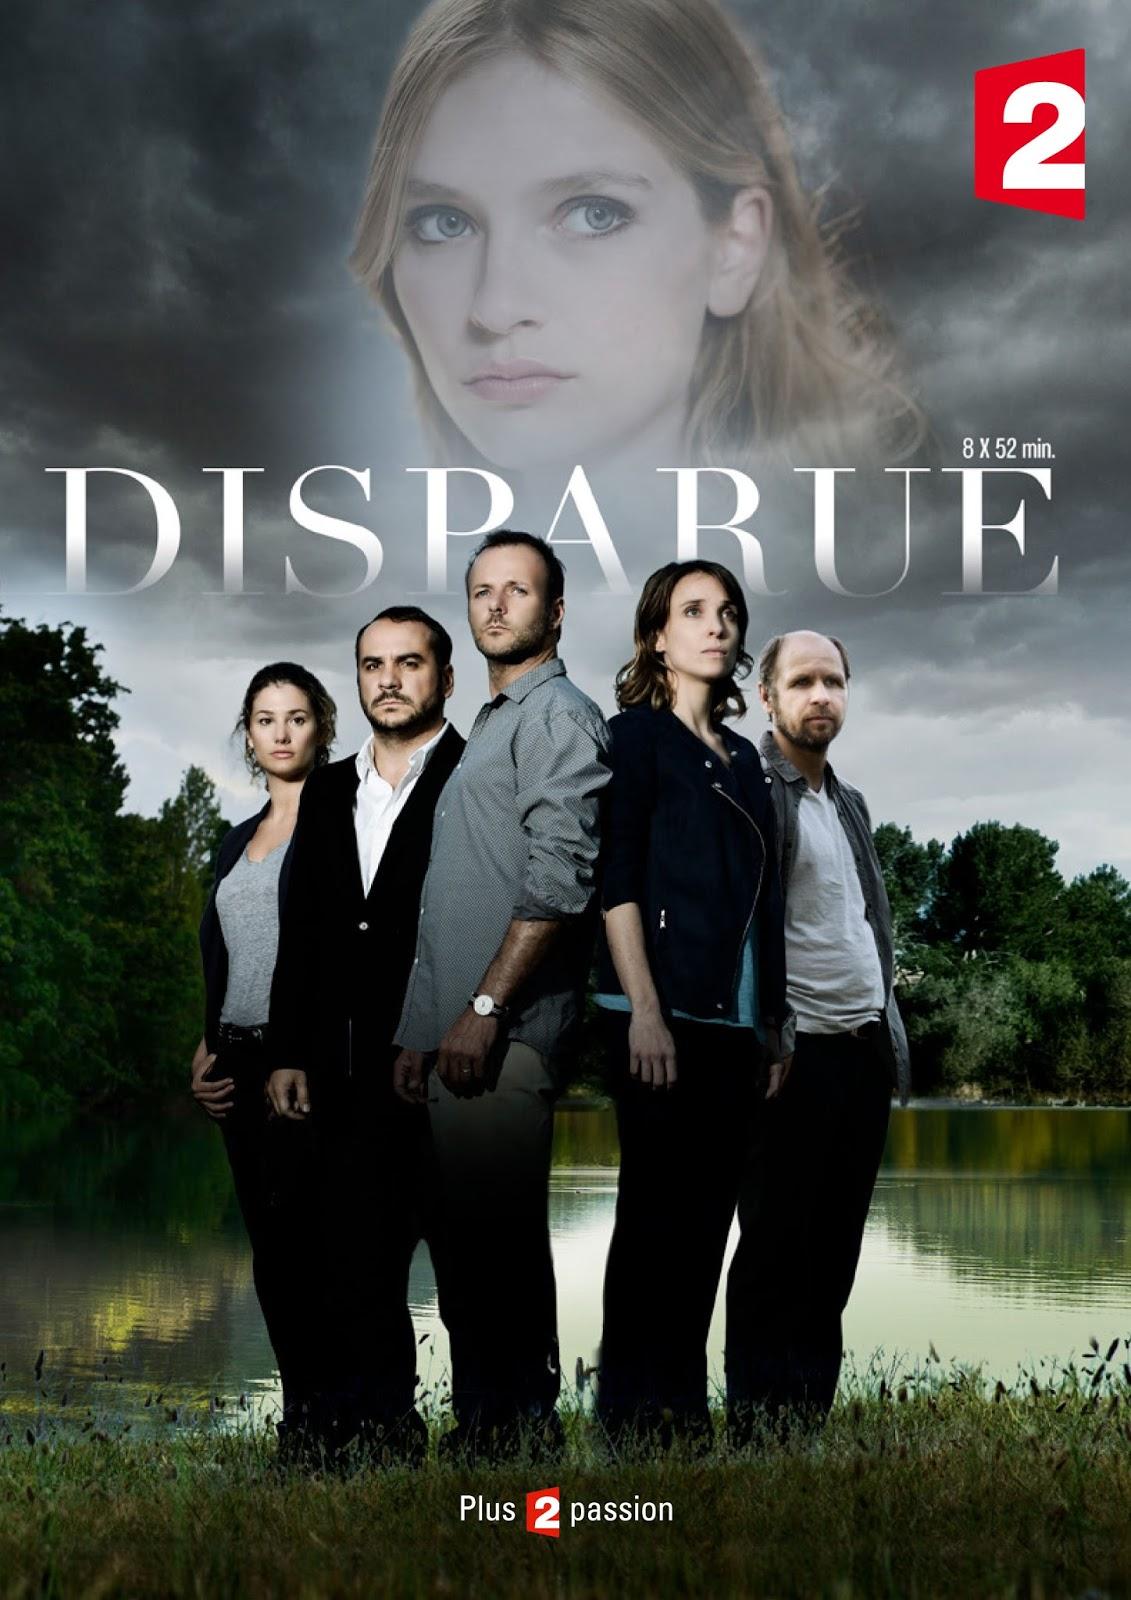 """Critique / """"Disparue"""" (2015) de Marie Deshaires et Catherine Touzet 1 image"""